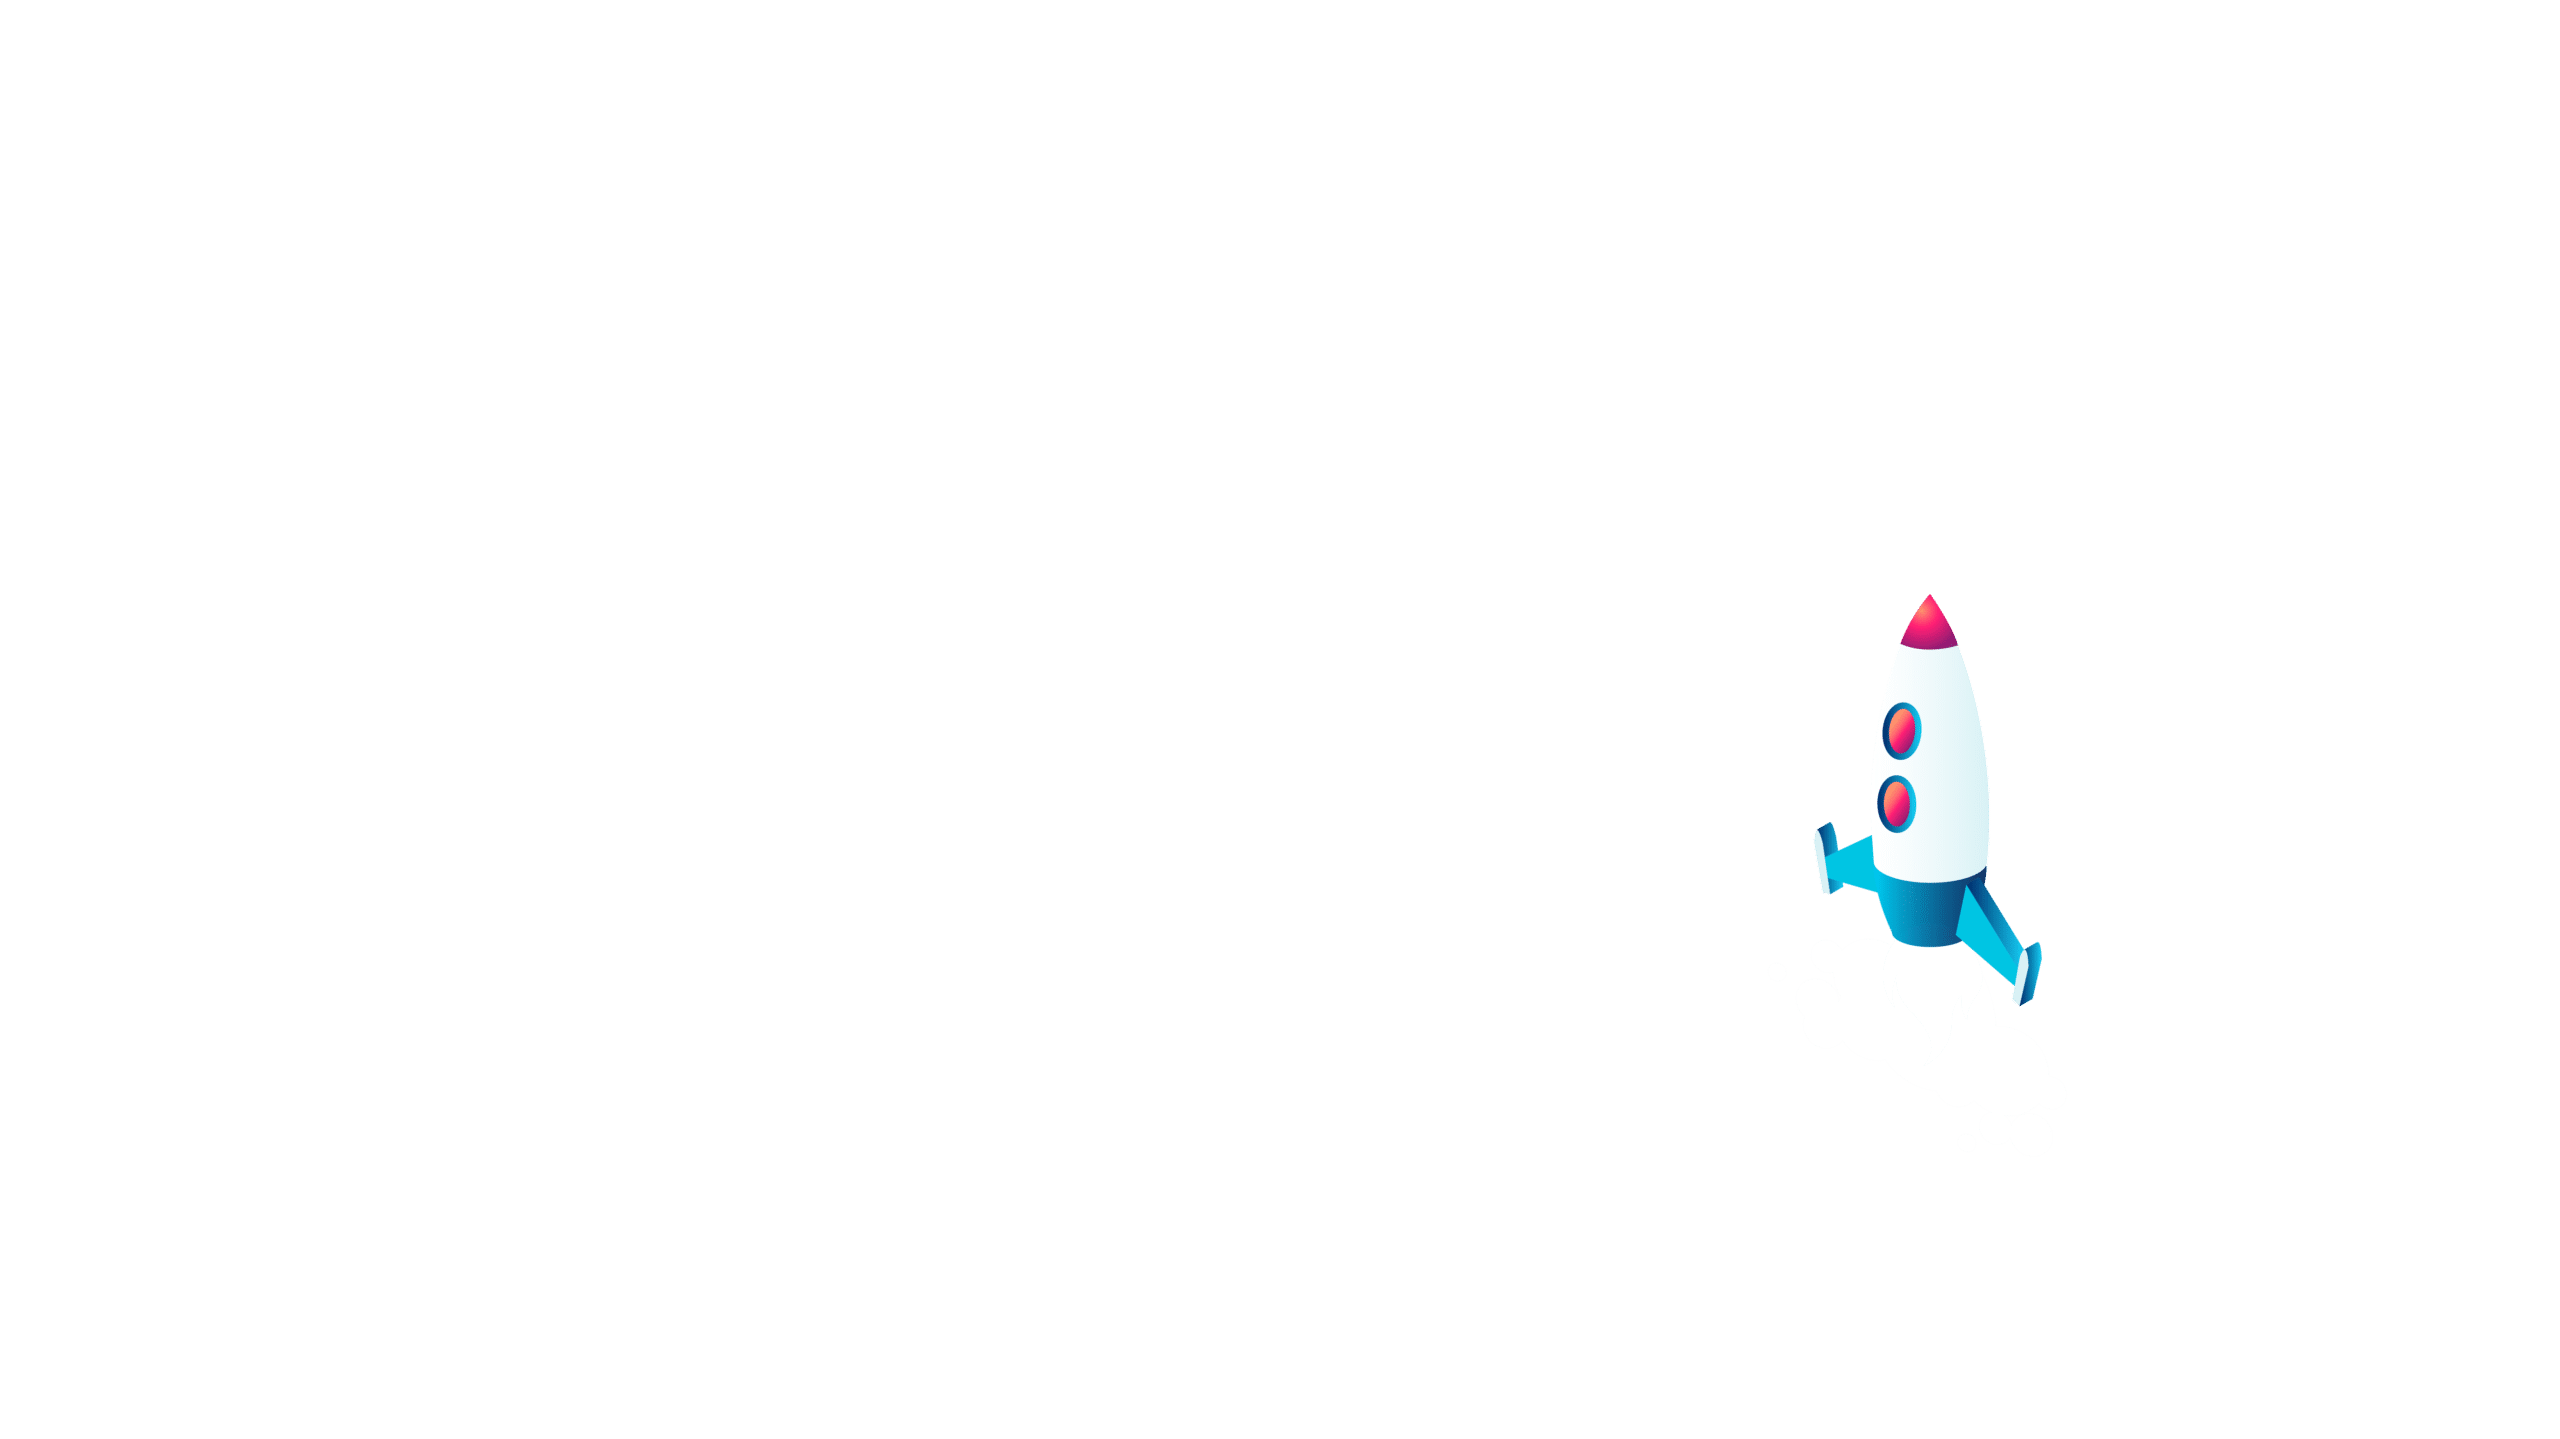 Rocket-hologram@4x